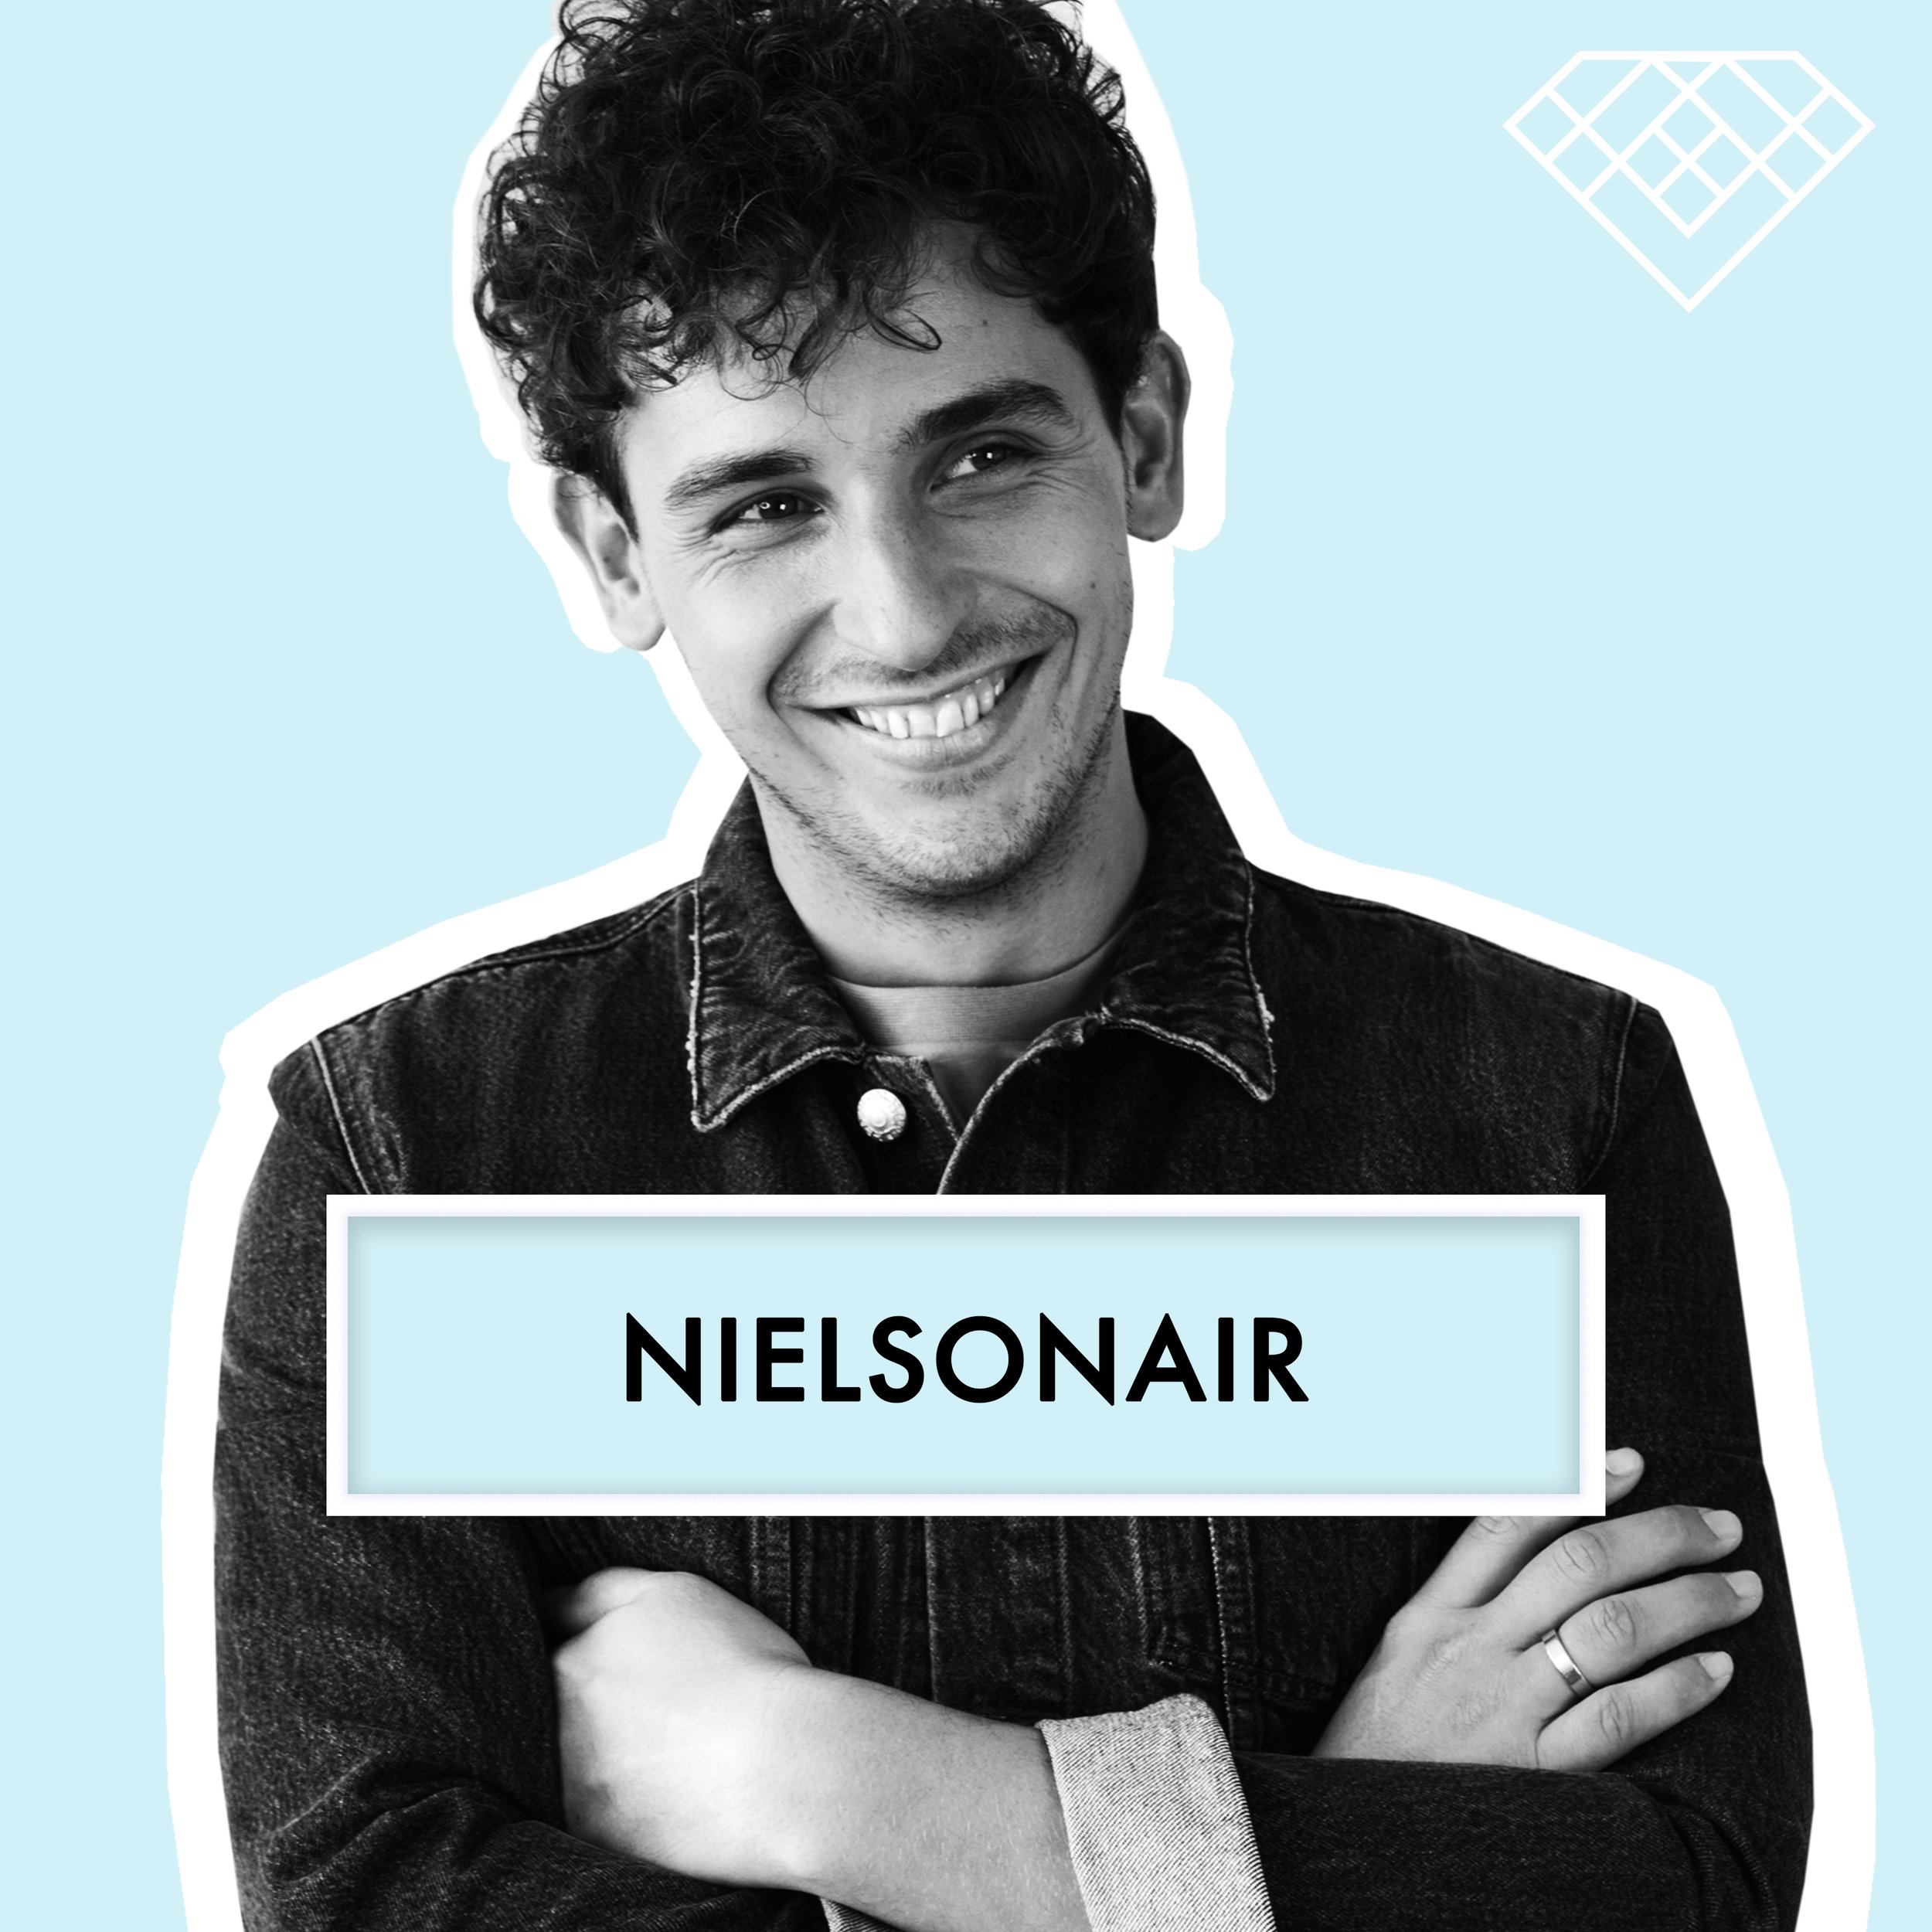 NielsonAir (Sony Music) - Nielson gaat langs bij mensen die zich in hun gebied op een bepaalde manier opnieuw hebben uitgevonden. Aan de hand van het thema van zijn nieuwste nummer bespreekt hij hoe zij dit hebben gedaan.